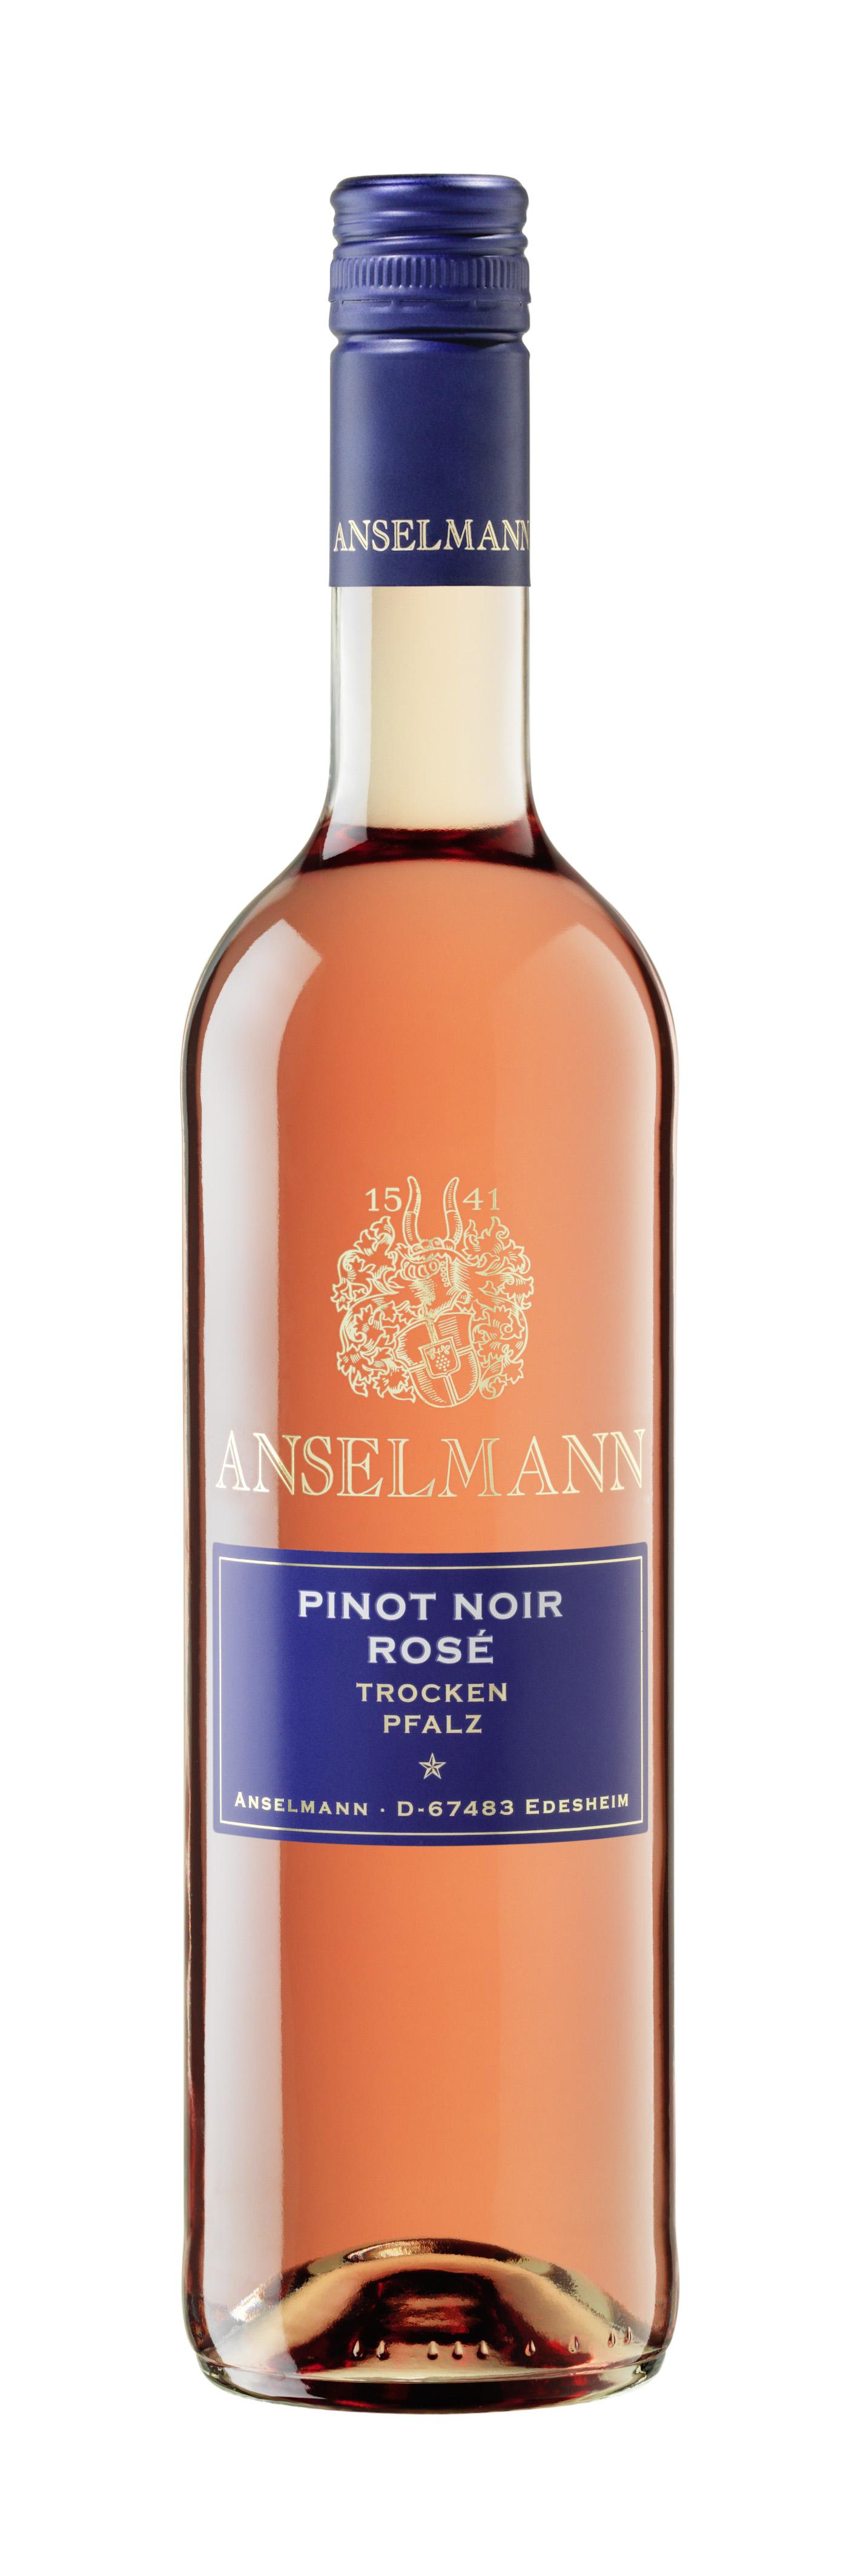 Pinot noir Rosé trocken